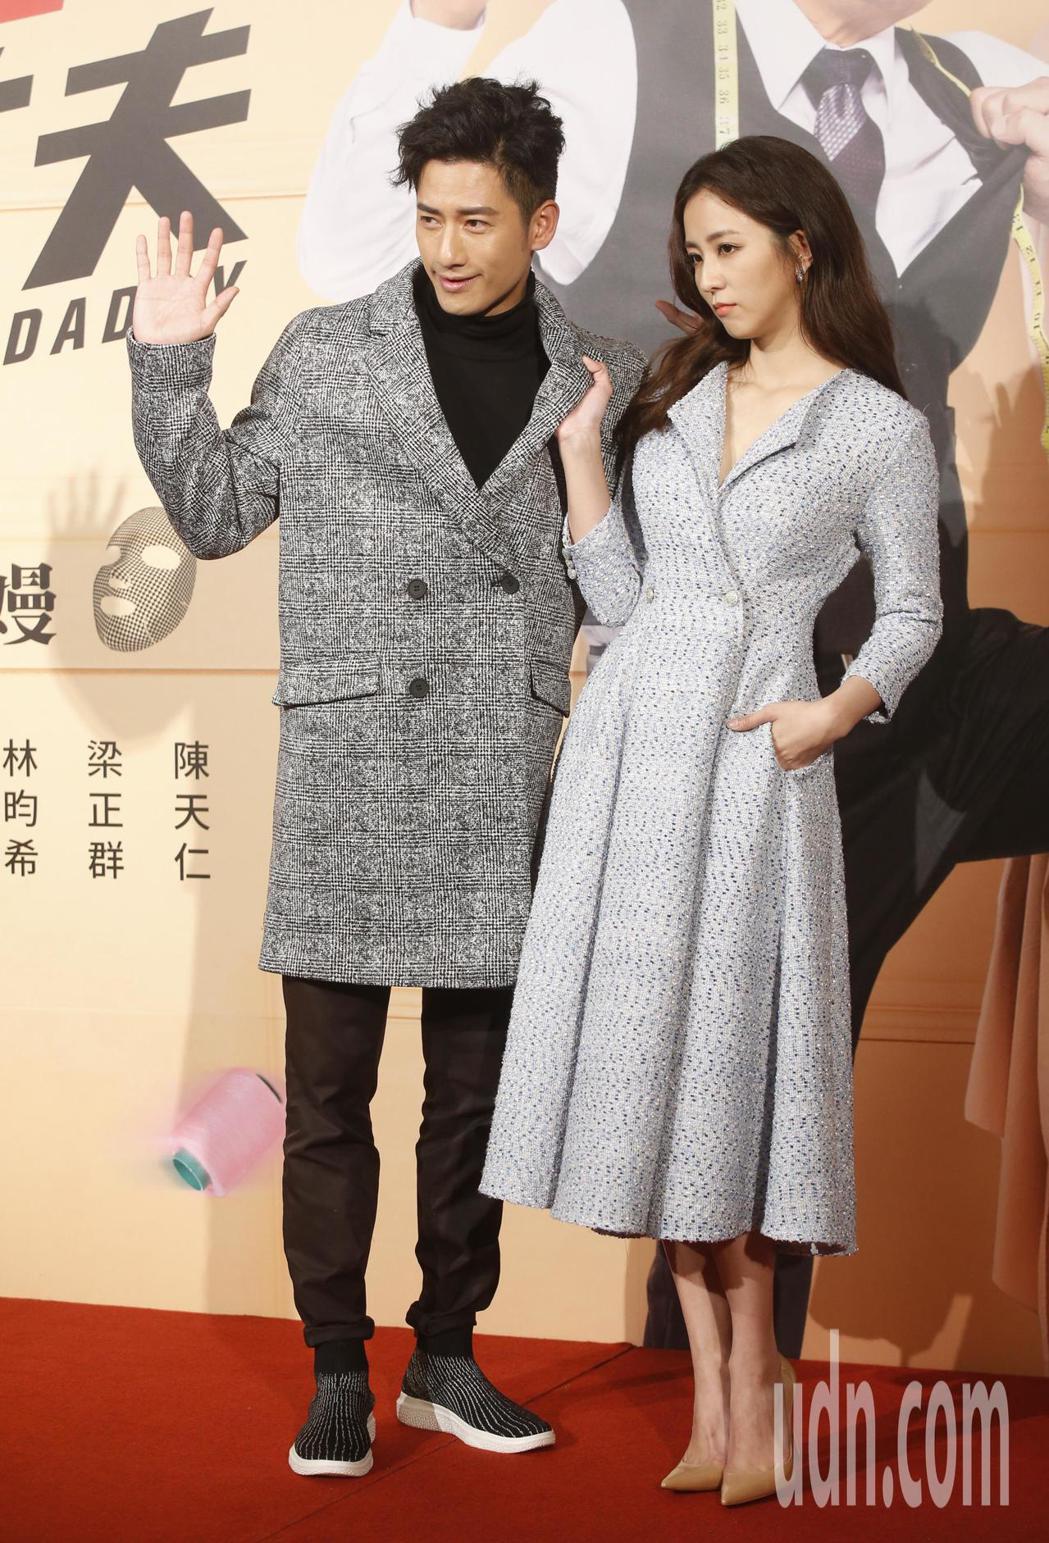 三立新八點華劇「必勝大丈夫」下午舉行首映會,男女主角周孝安(左)與周曉涵(右)。...